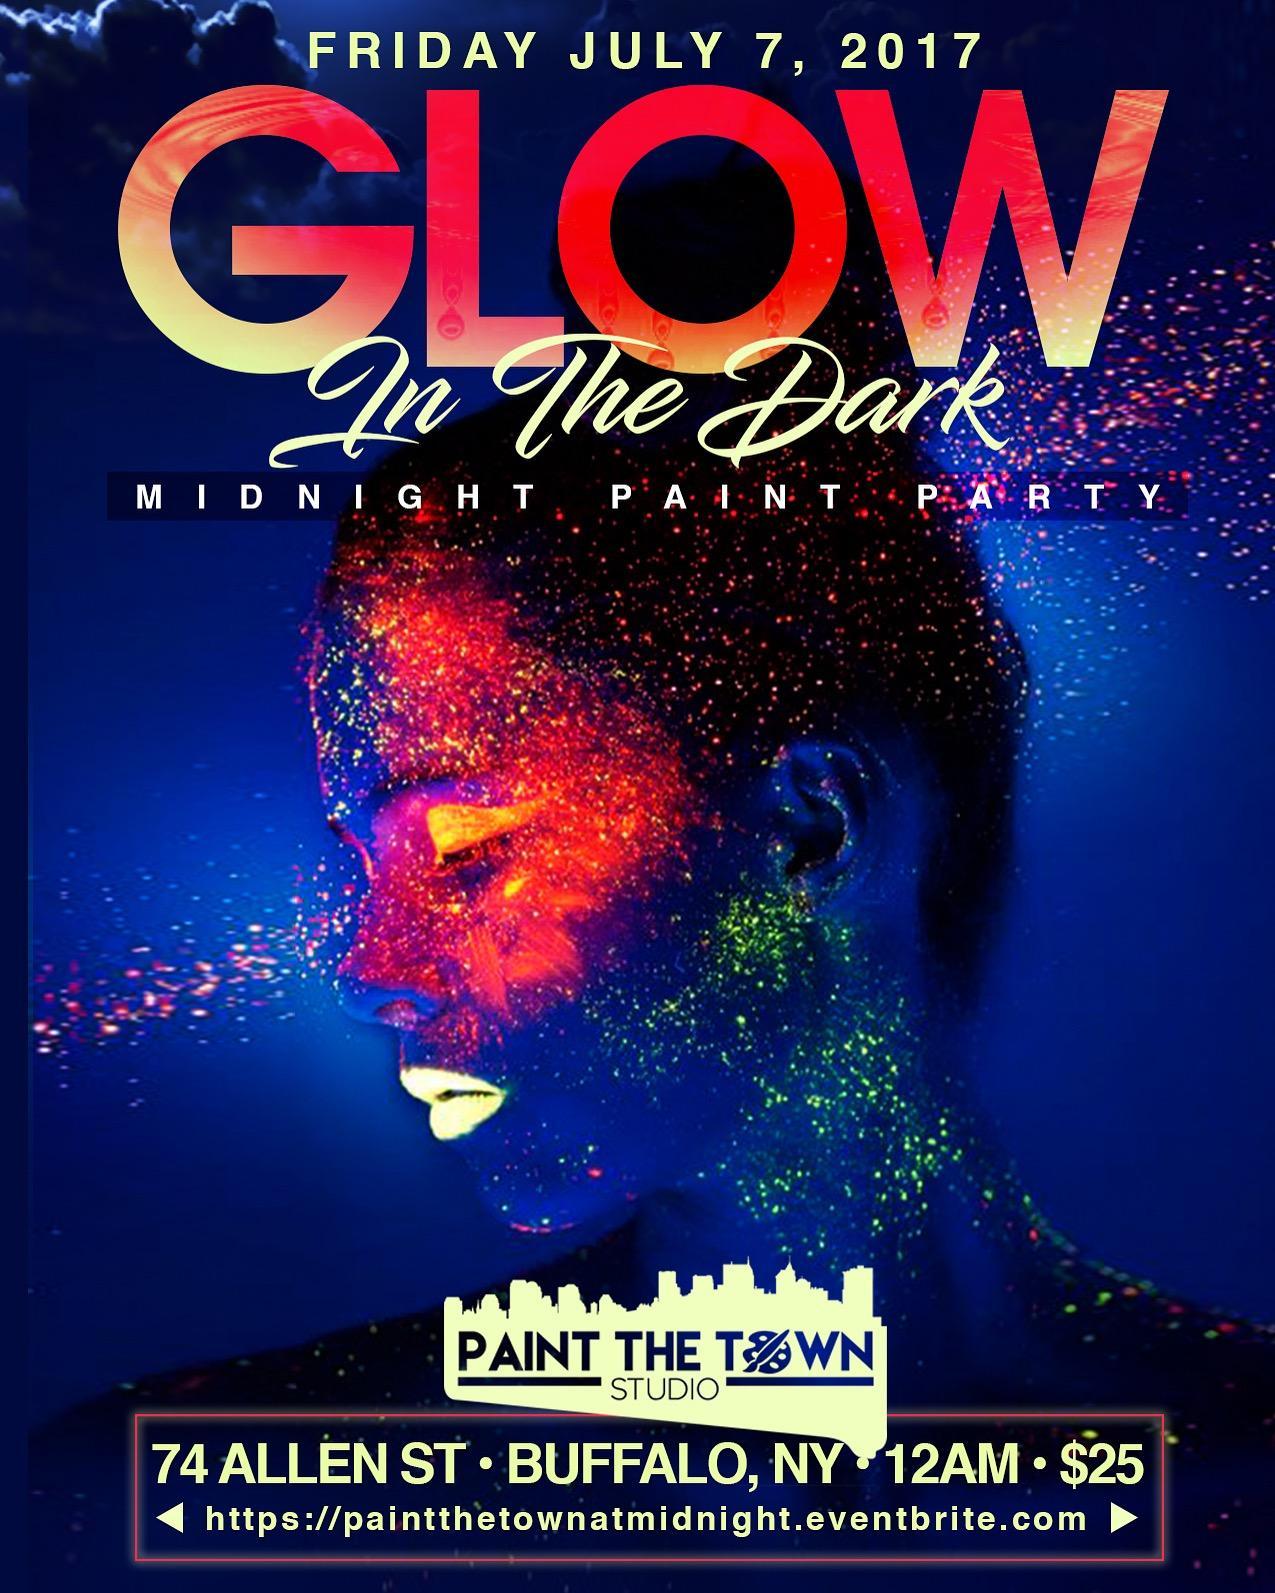 Glow In The Dark Midnight Paint Party July 7 2017 Buffalo Ny